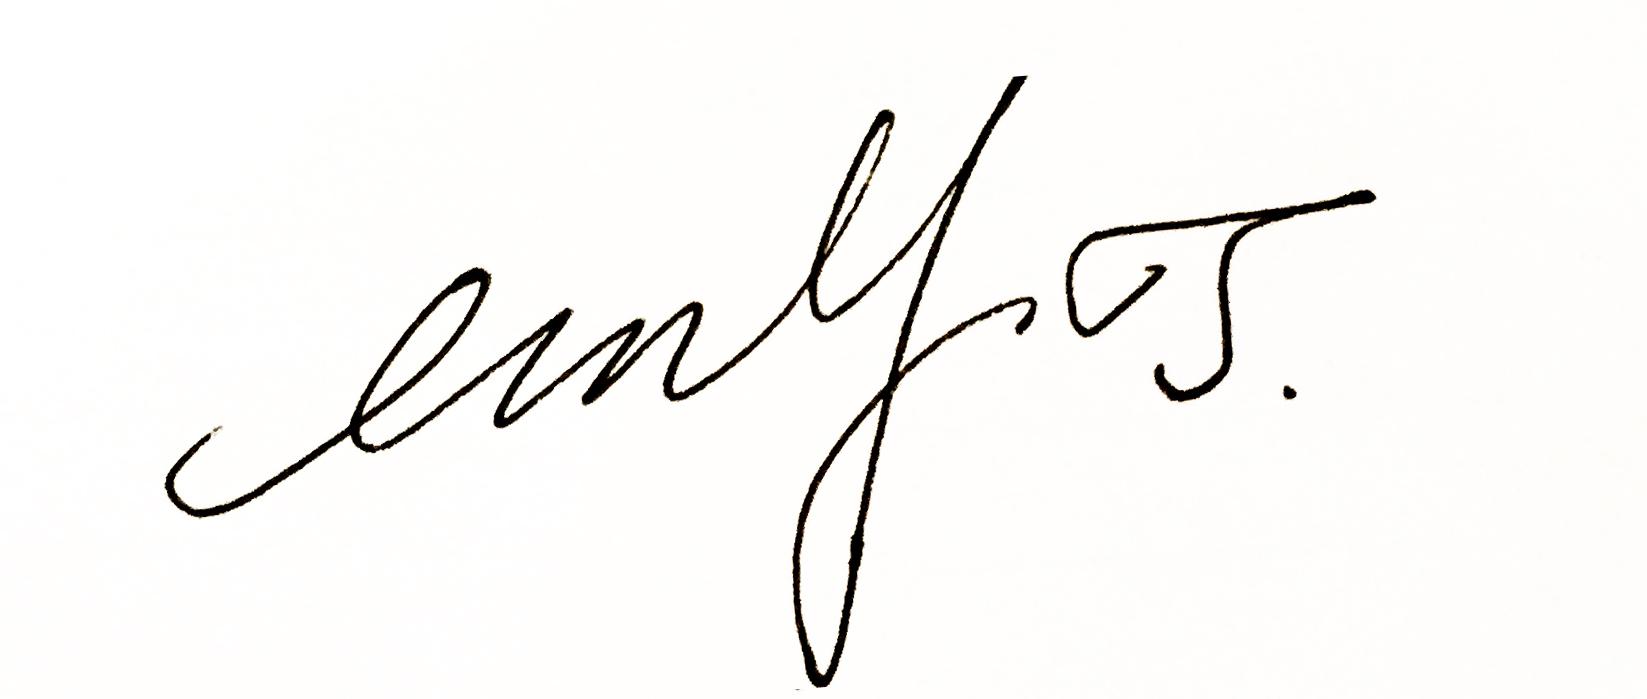 Emma .y. Jiang's Signature